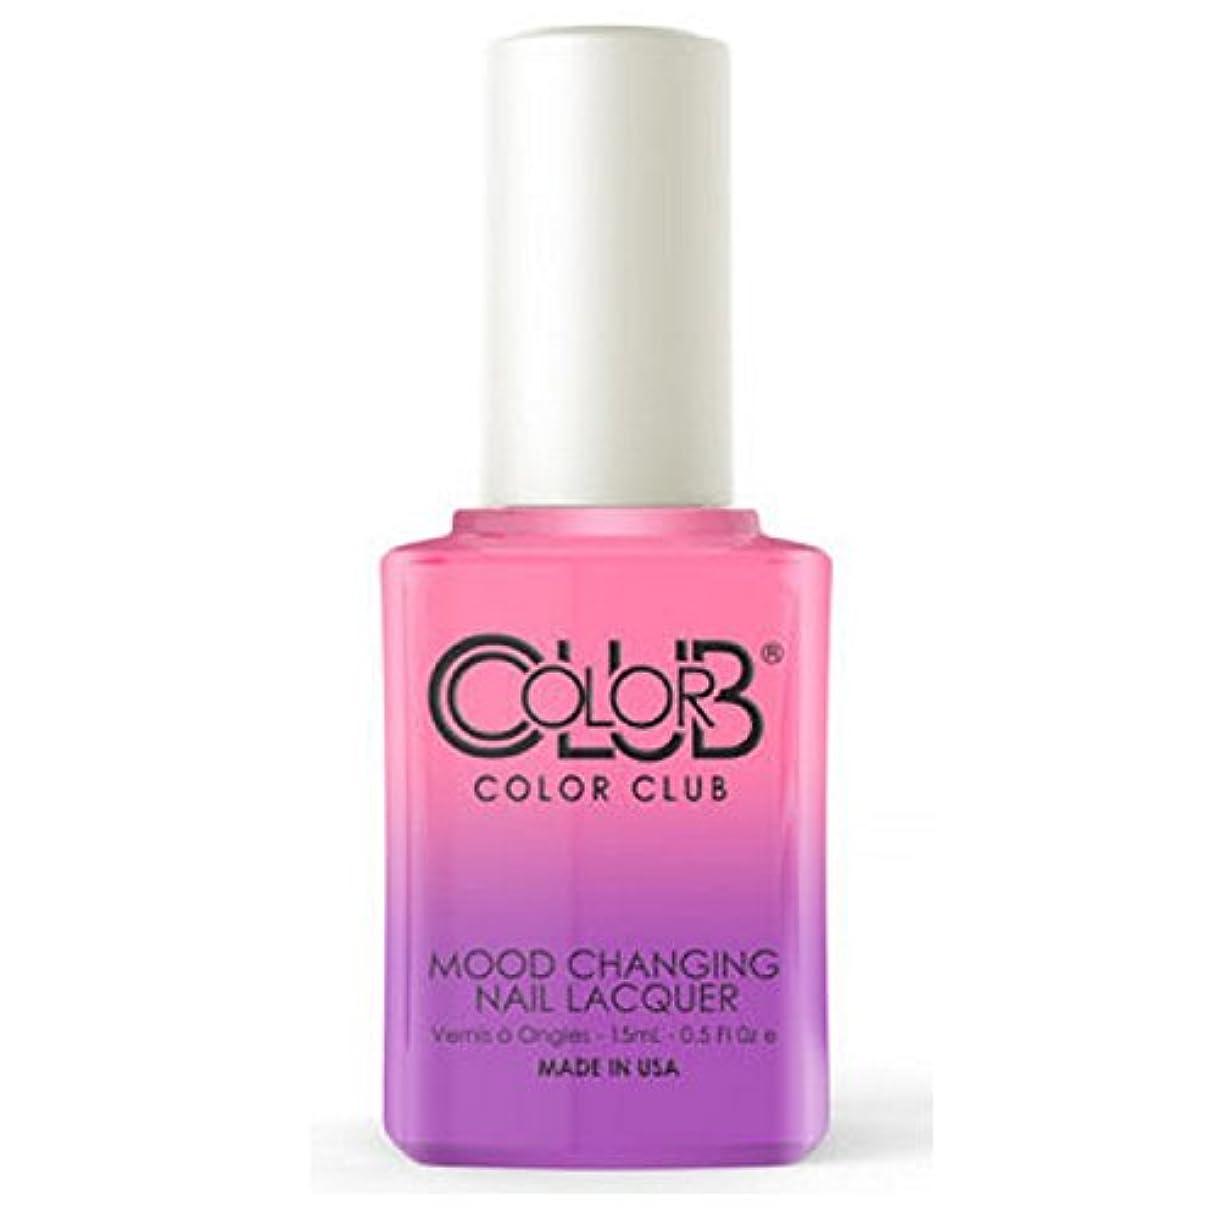 楽しませる多様性雨のColor Club Mood Changing Nail Lacquer - Feelin' Myself - 15 mL / 0.5 fl oz